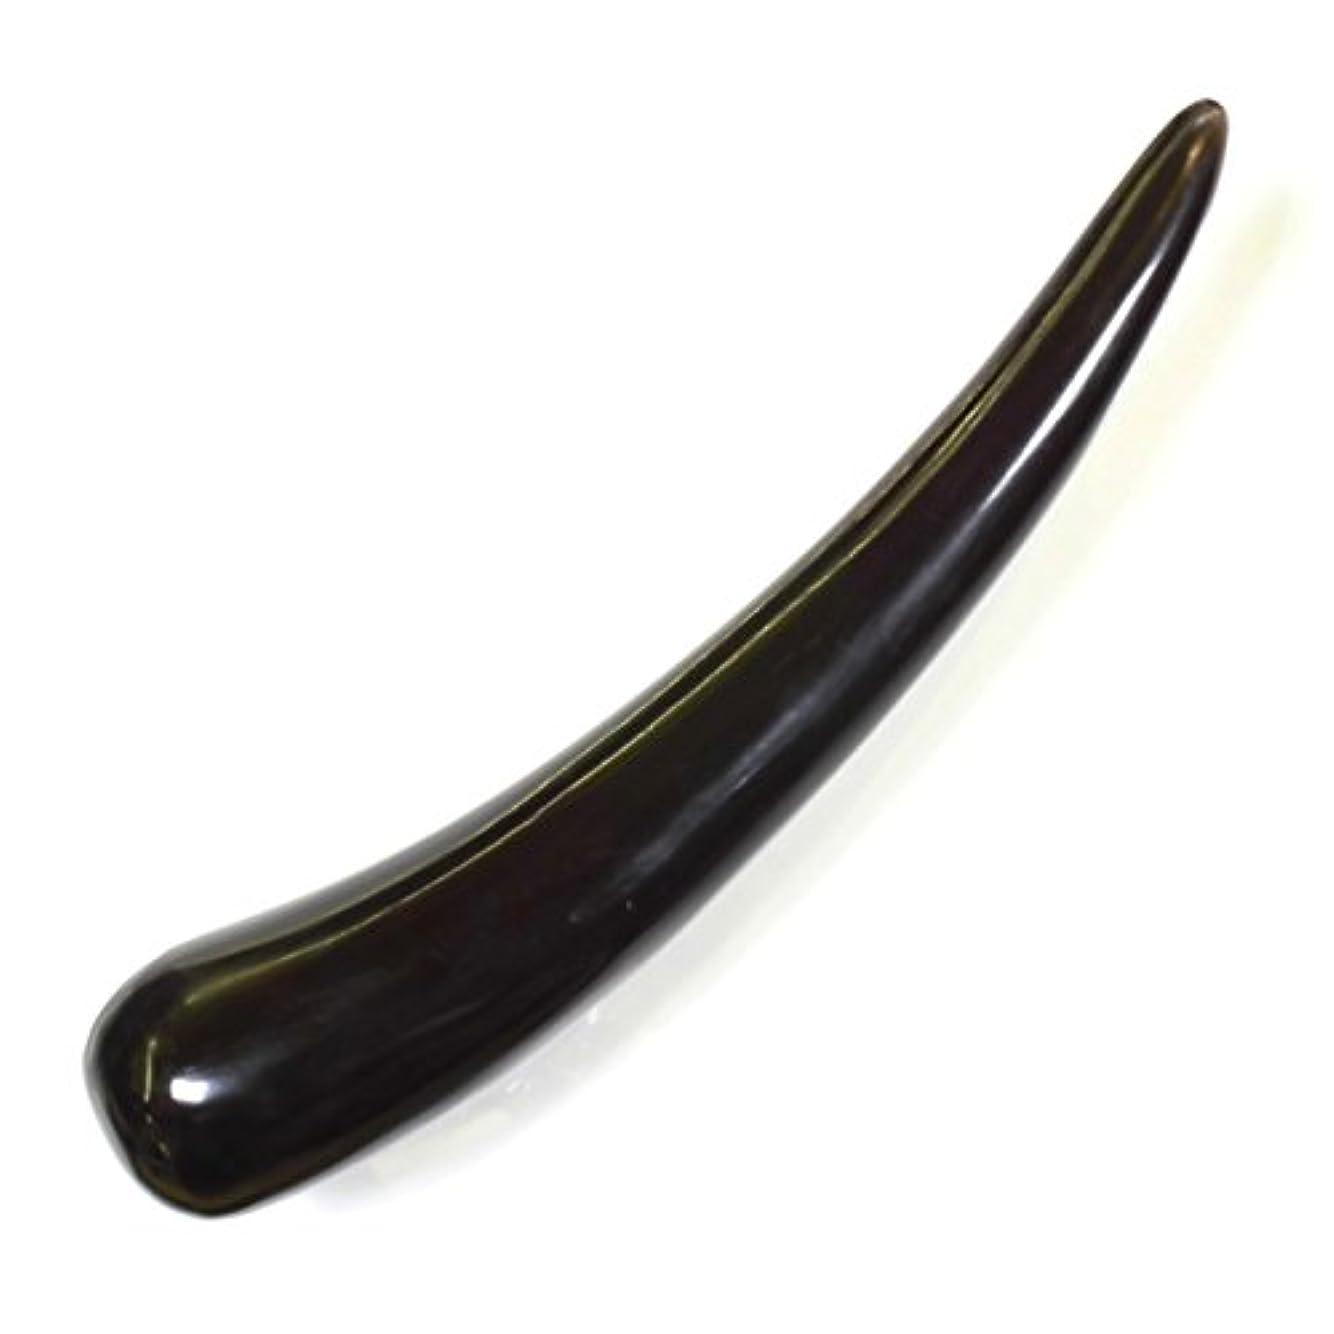 識字パトロールマントル水牛の角 ツボ押し 黒水牛角 特大13 長さ20cm